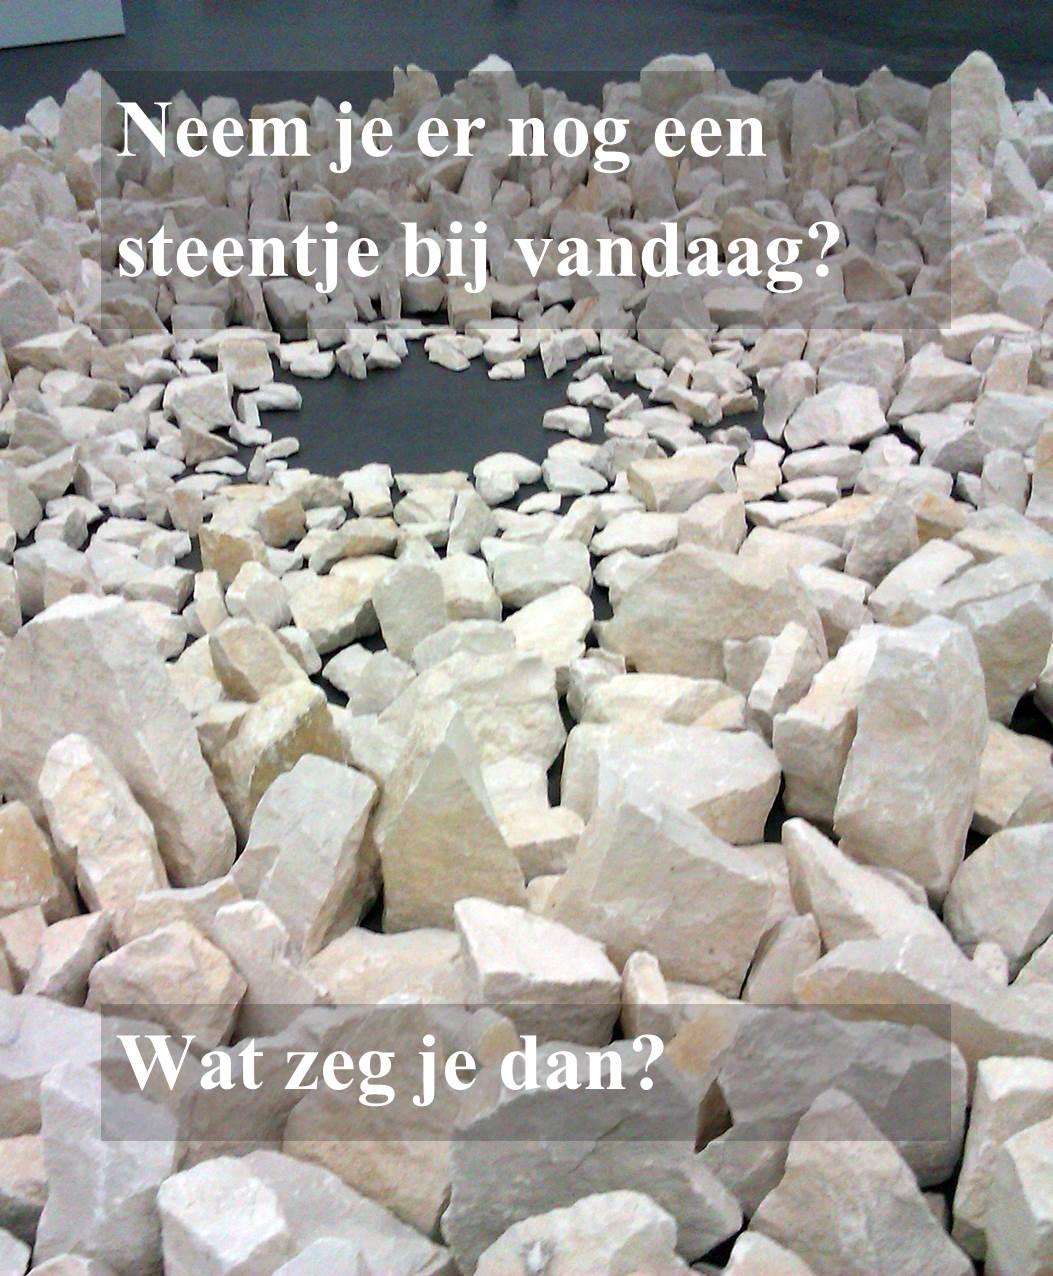 Werkgeluk, leerdoelen, voice dialogue, Rotterdam-Zuid, Neem je er nog een steentje bij vandaag? Wat zeg je dan?